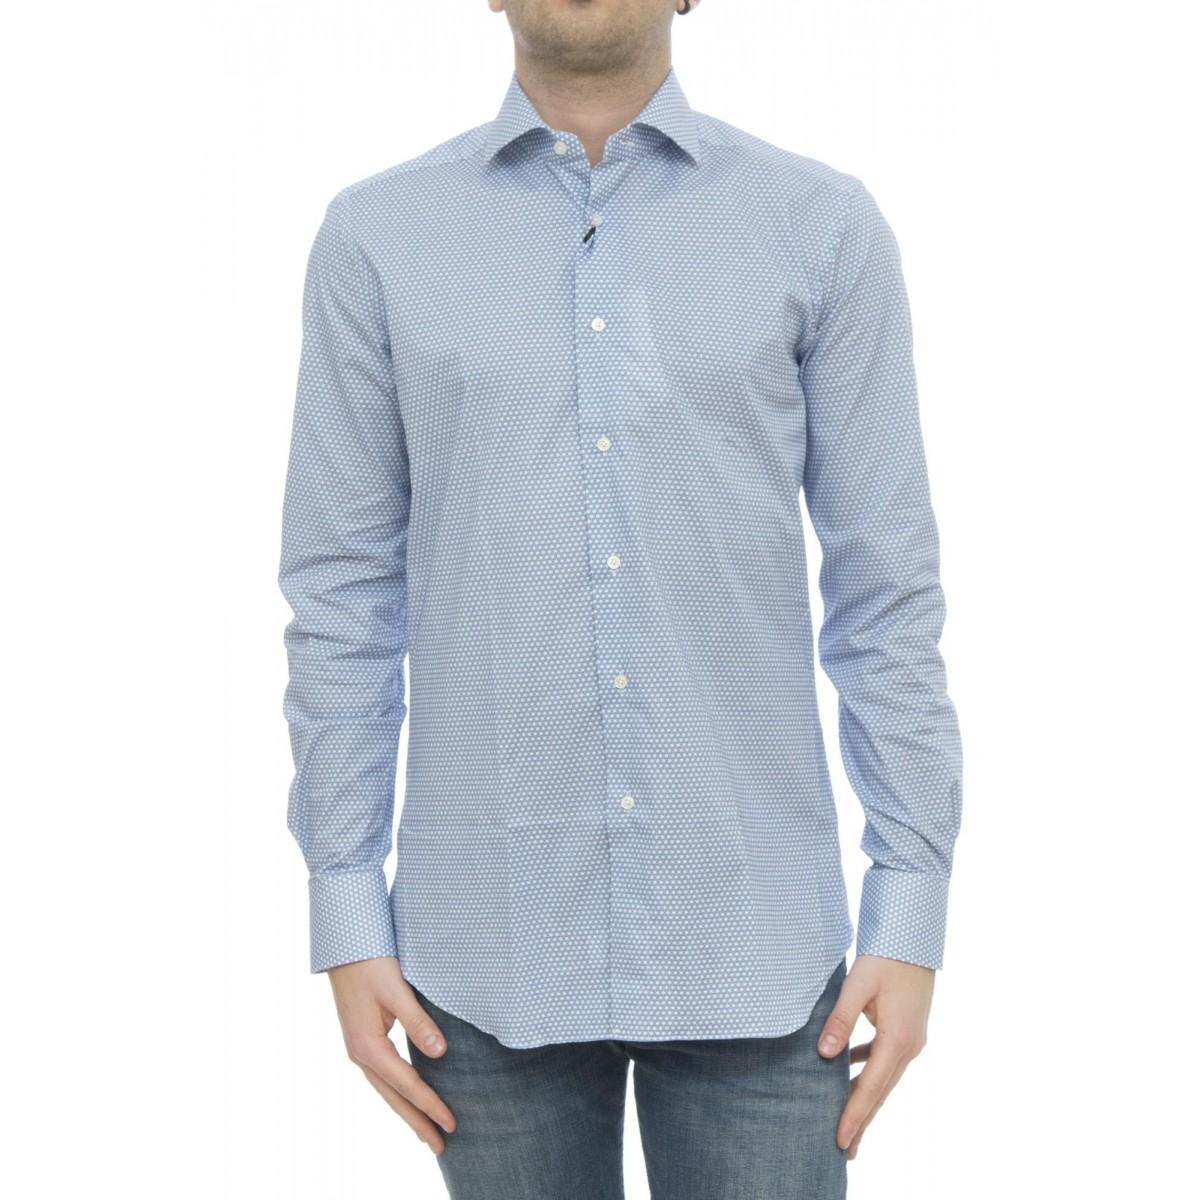 Camicia - 558 21558 strech tailor